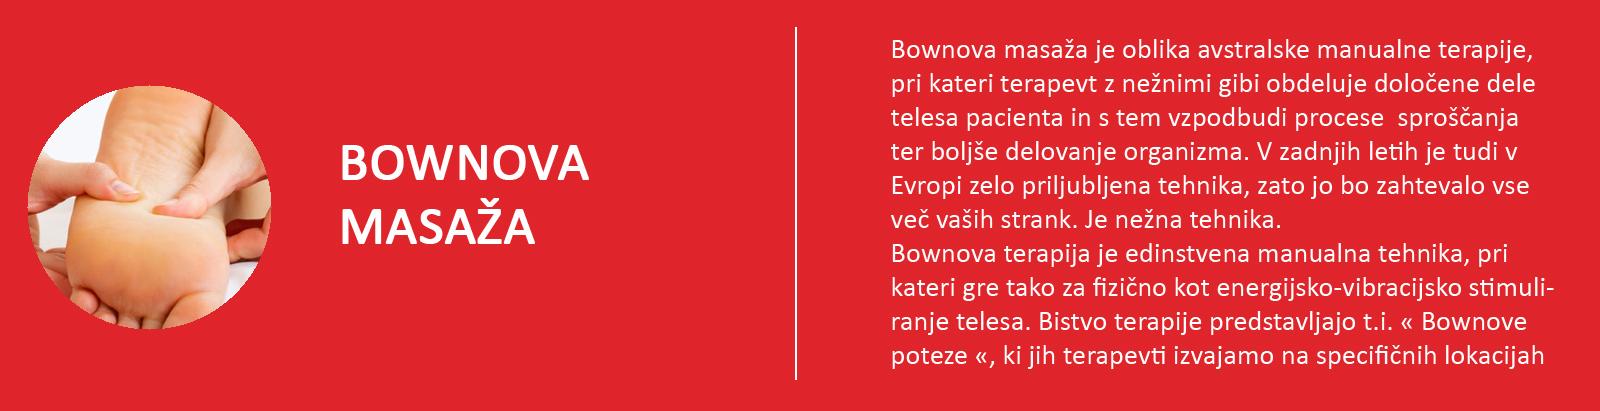 bownova